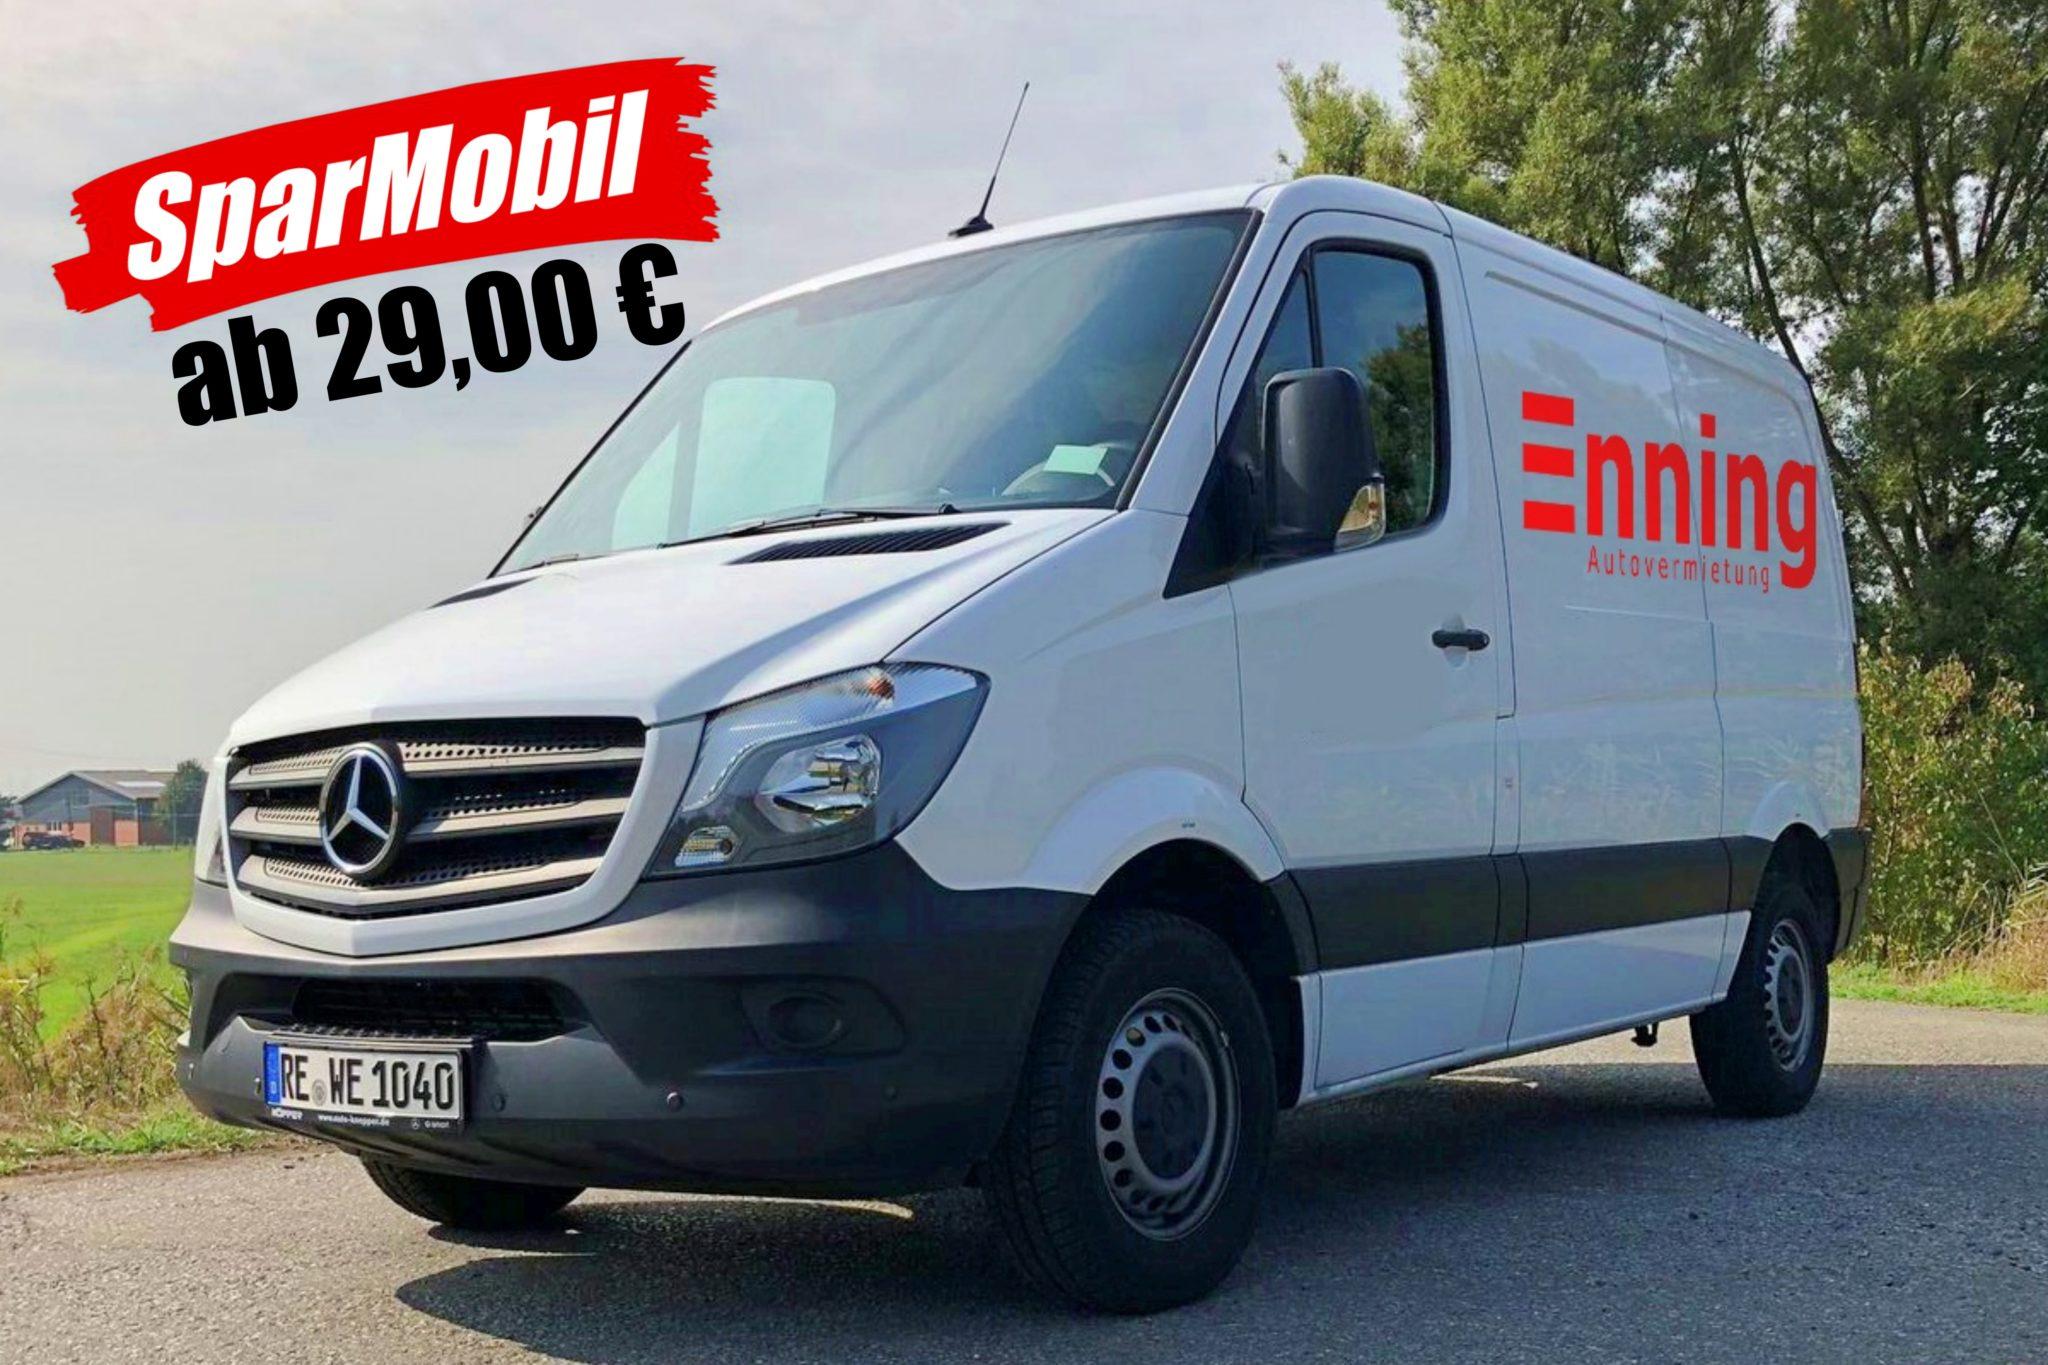 Transporter Sparmobil 2 Mercedes Benz Sprinter Mittel Autovermietung Enning Dorsten